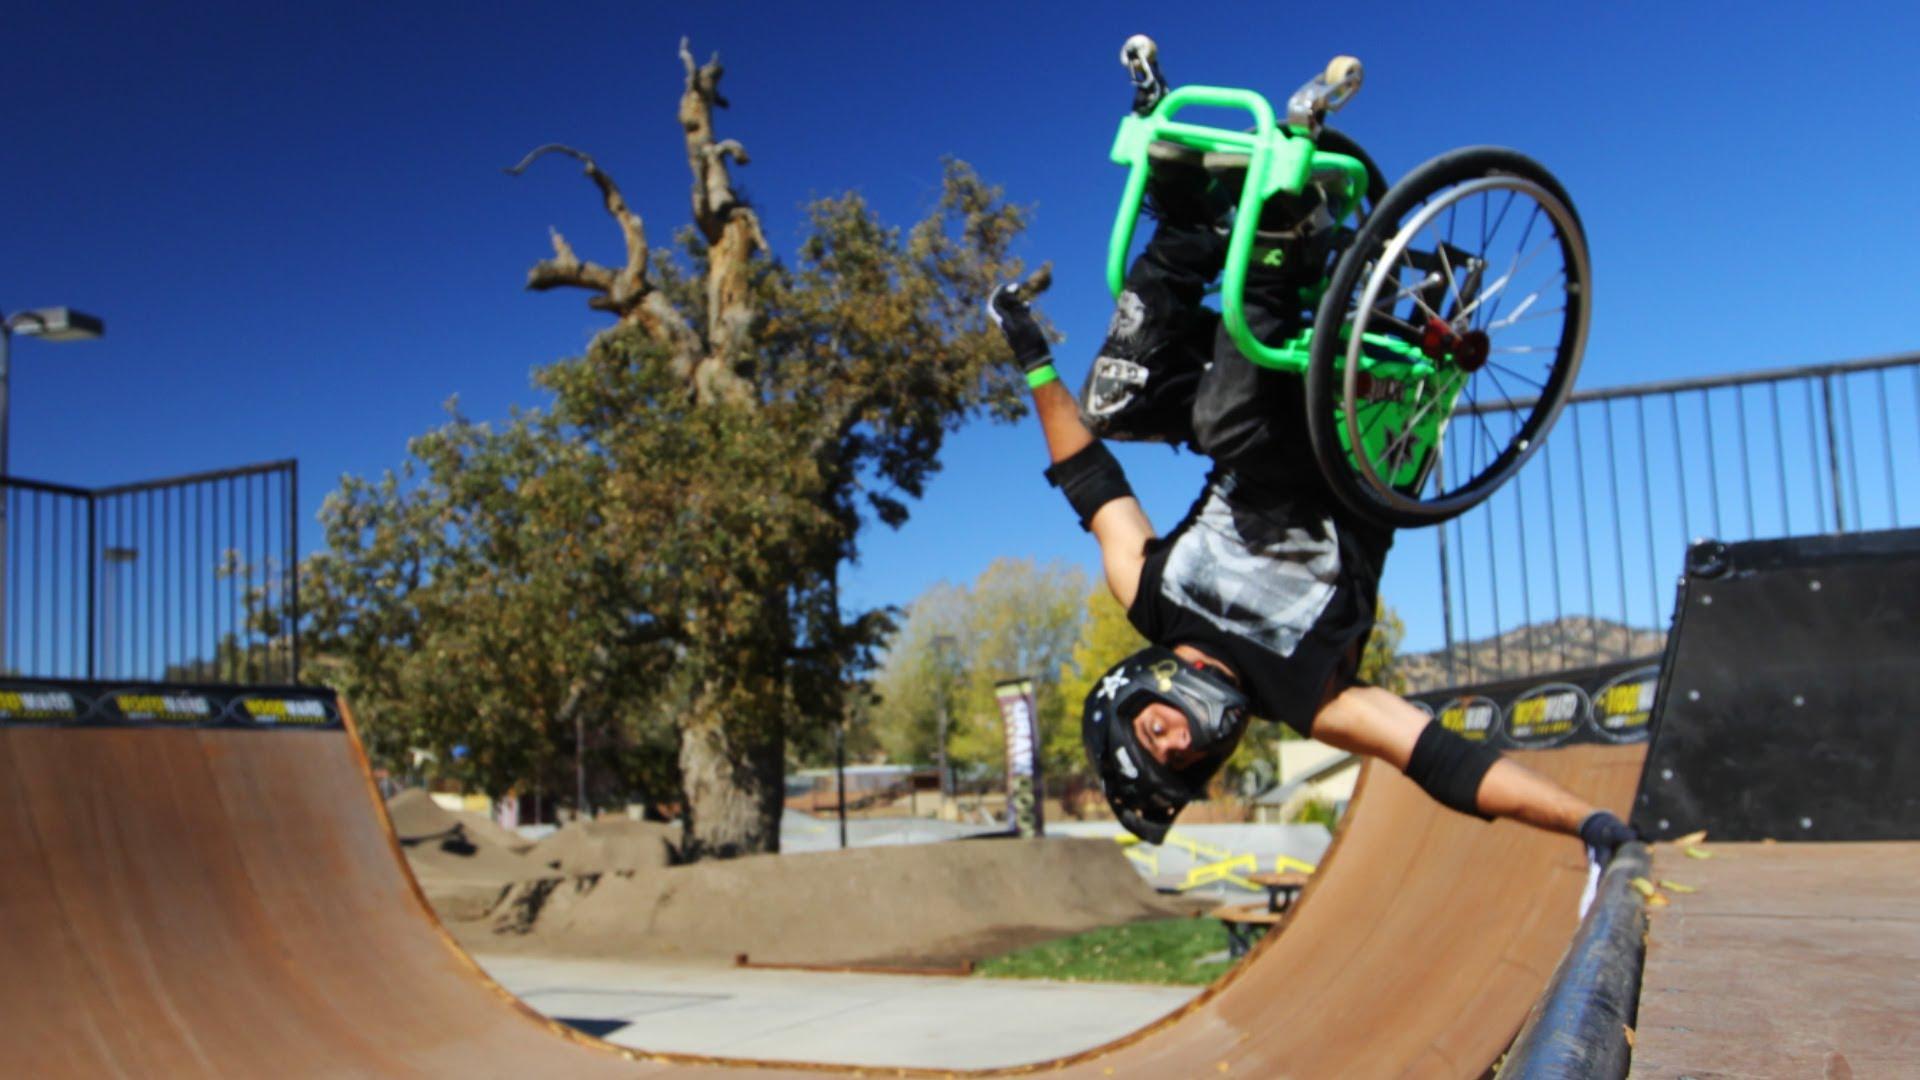 Фристайл на инвалидной коляске. Вот что такое сила! - Твой интернет